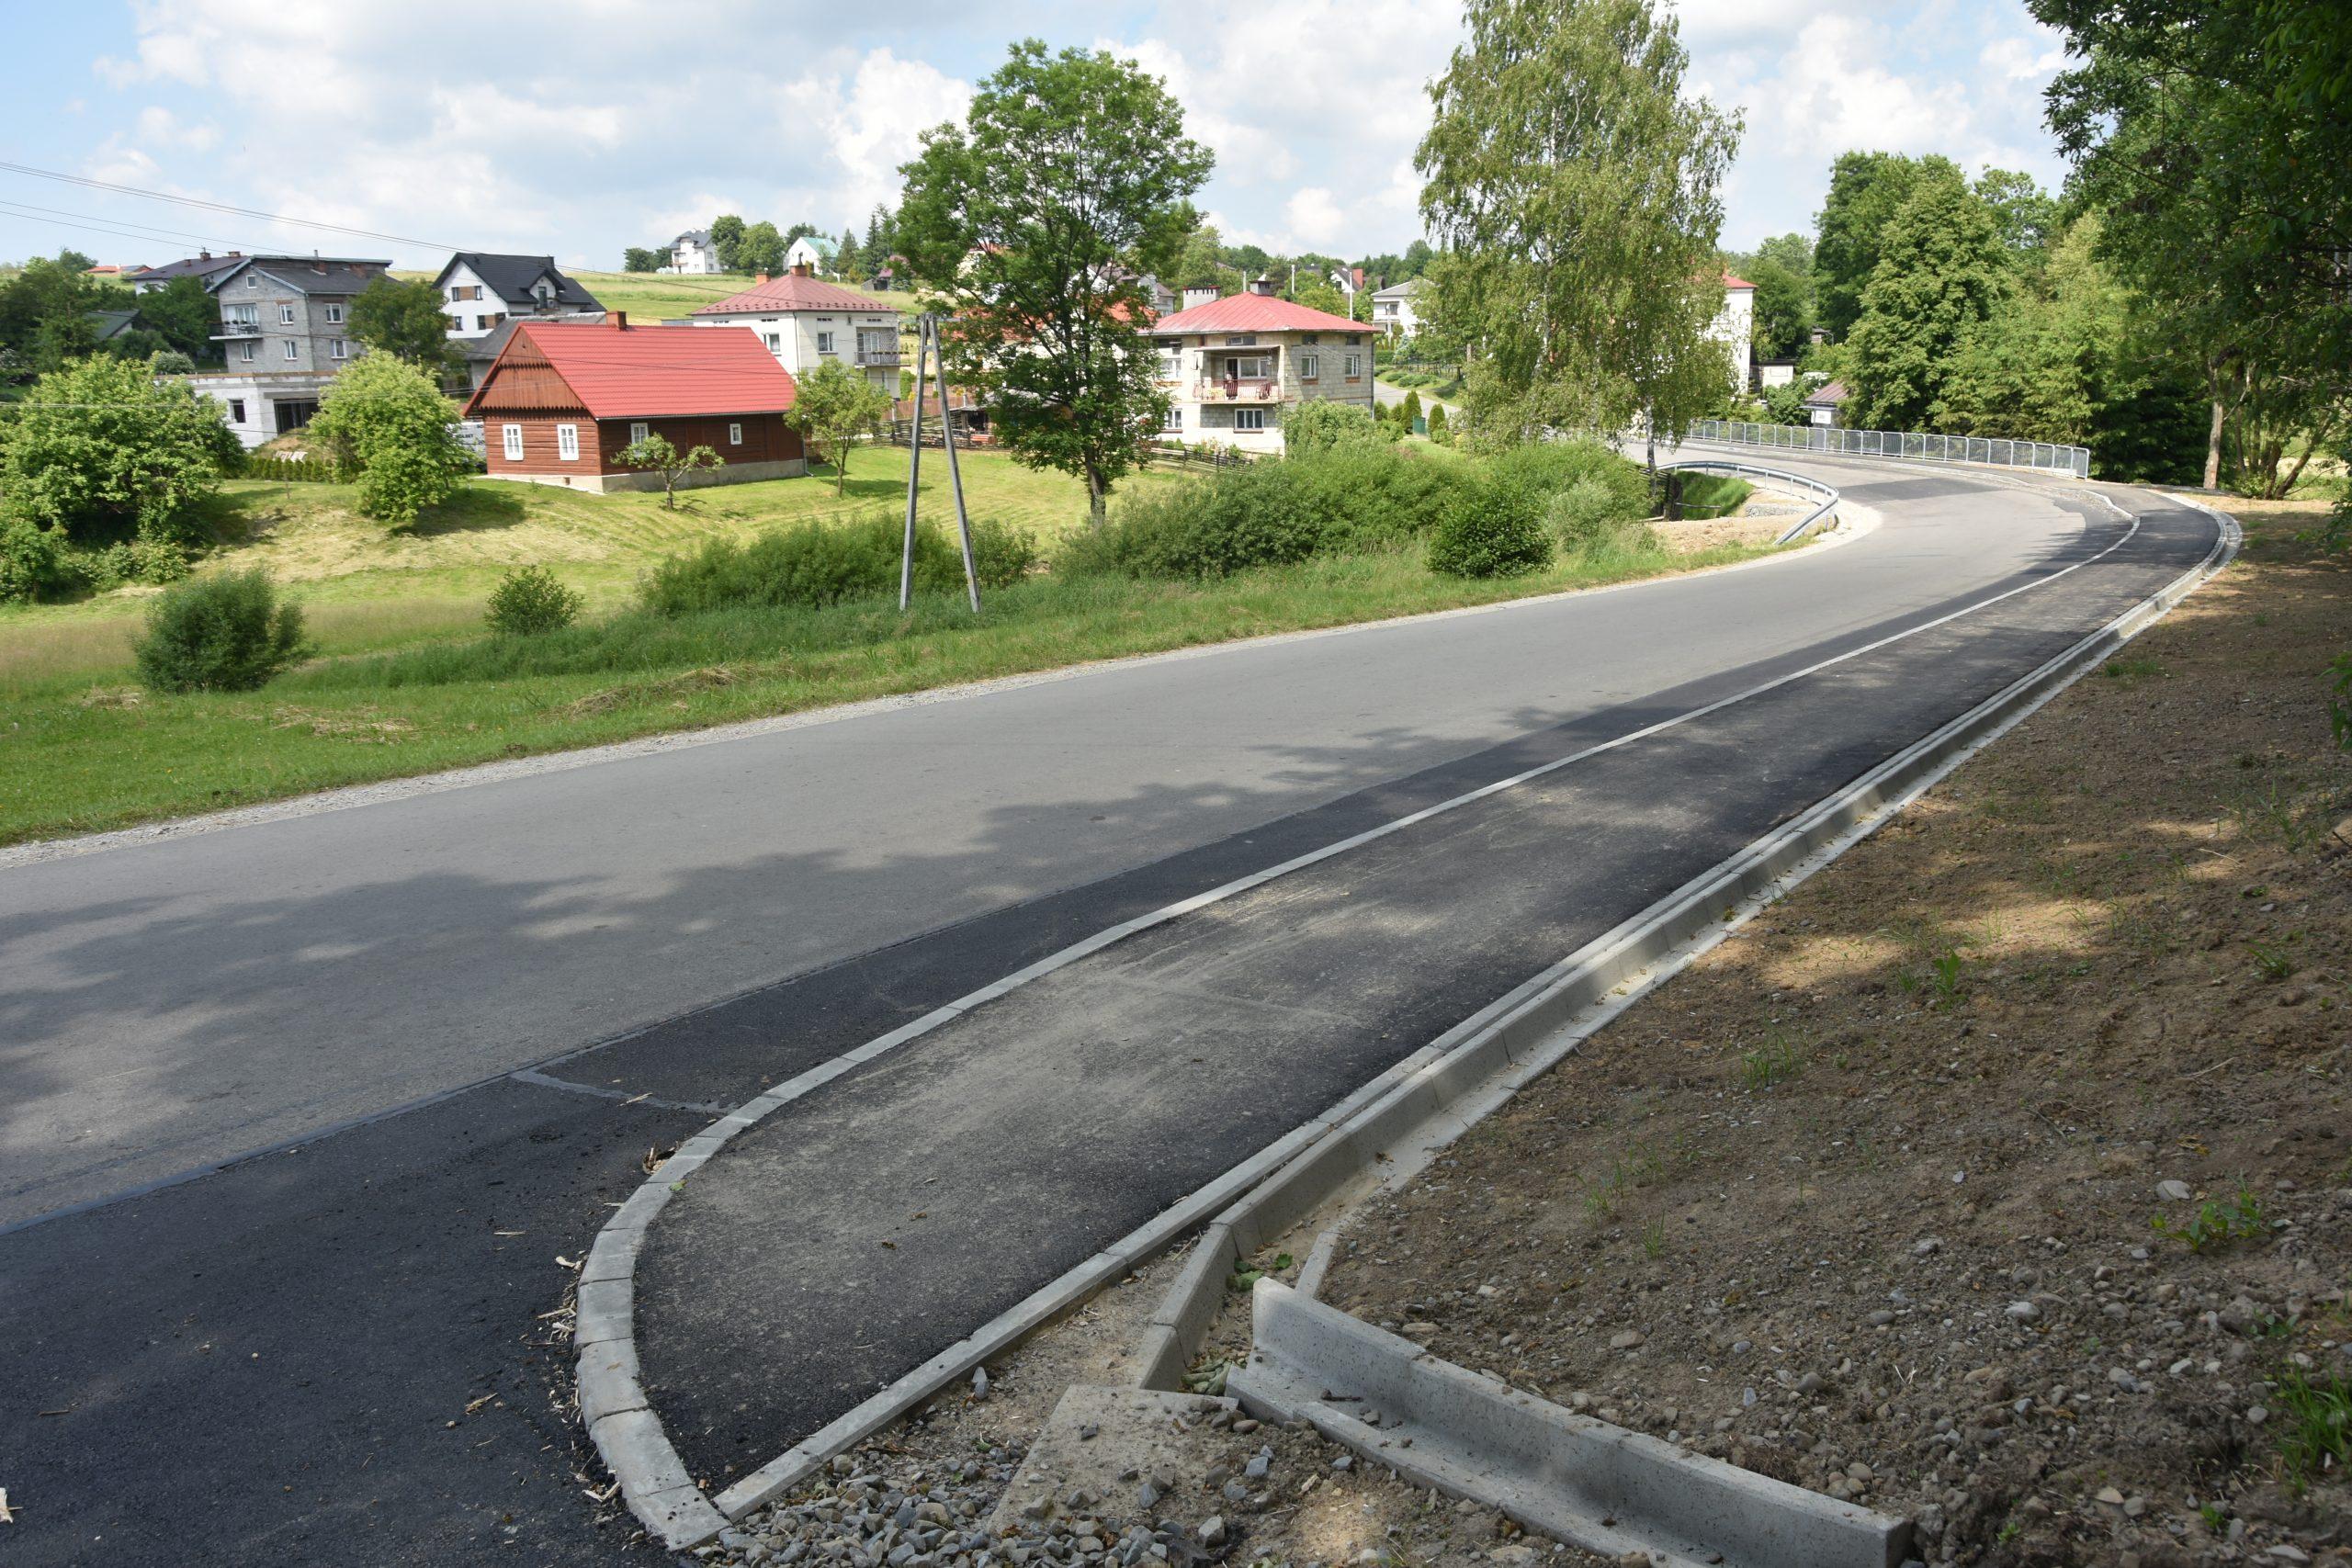 Nowy chodnik wzdłuż drogi asfaltowej. Po lewej stronie tereny zabudowane. .